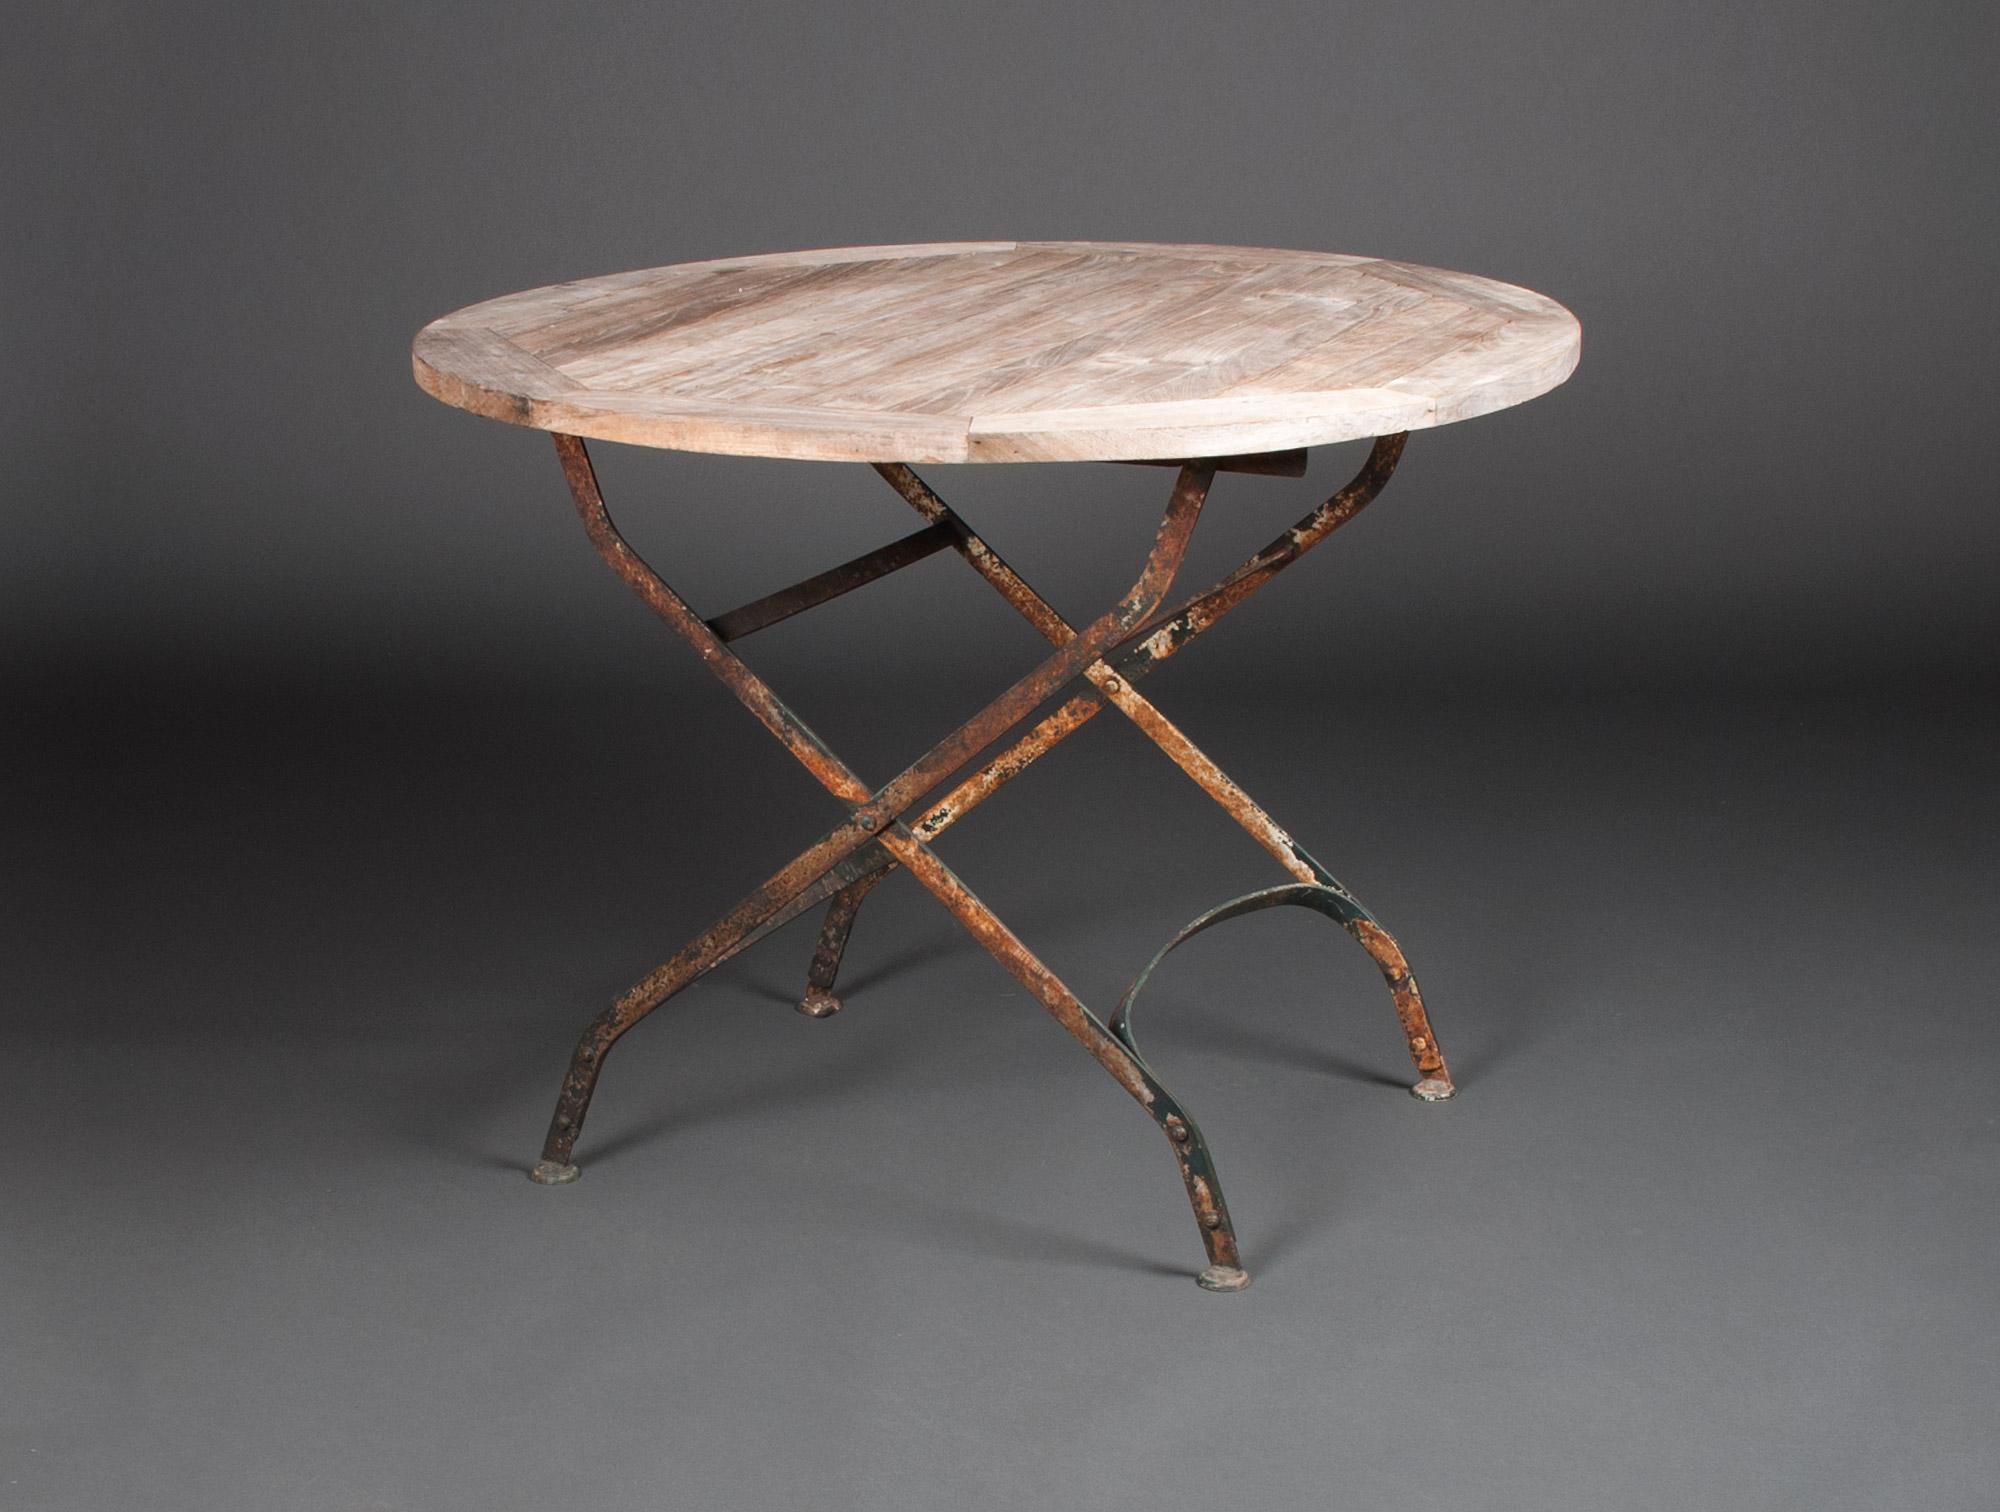 table de jardin xixe soubrier louer mobiliers meuble de jardin xixe. Black Bedroom Furniture Sets. Home Design Ideas